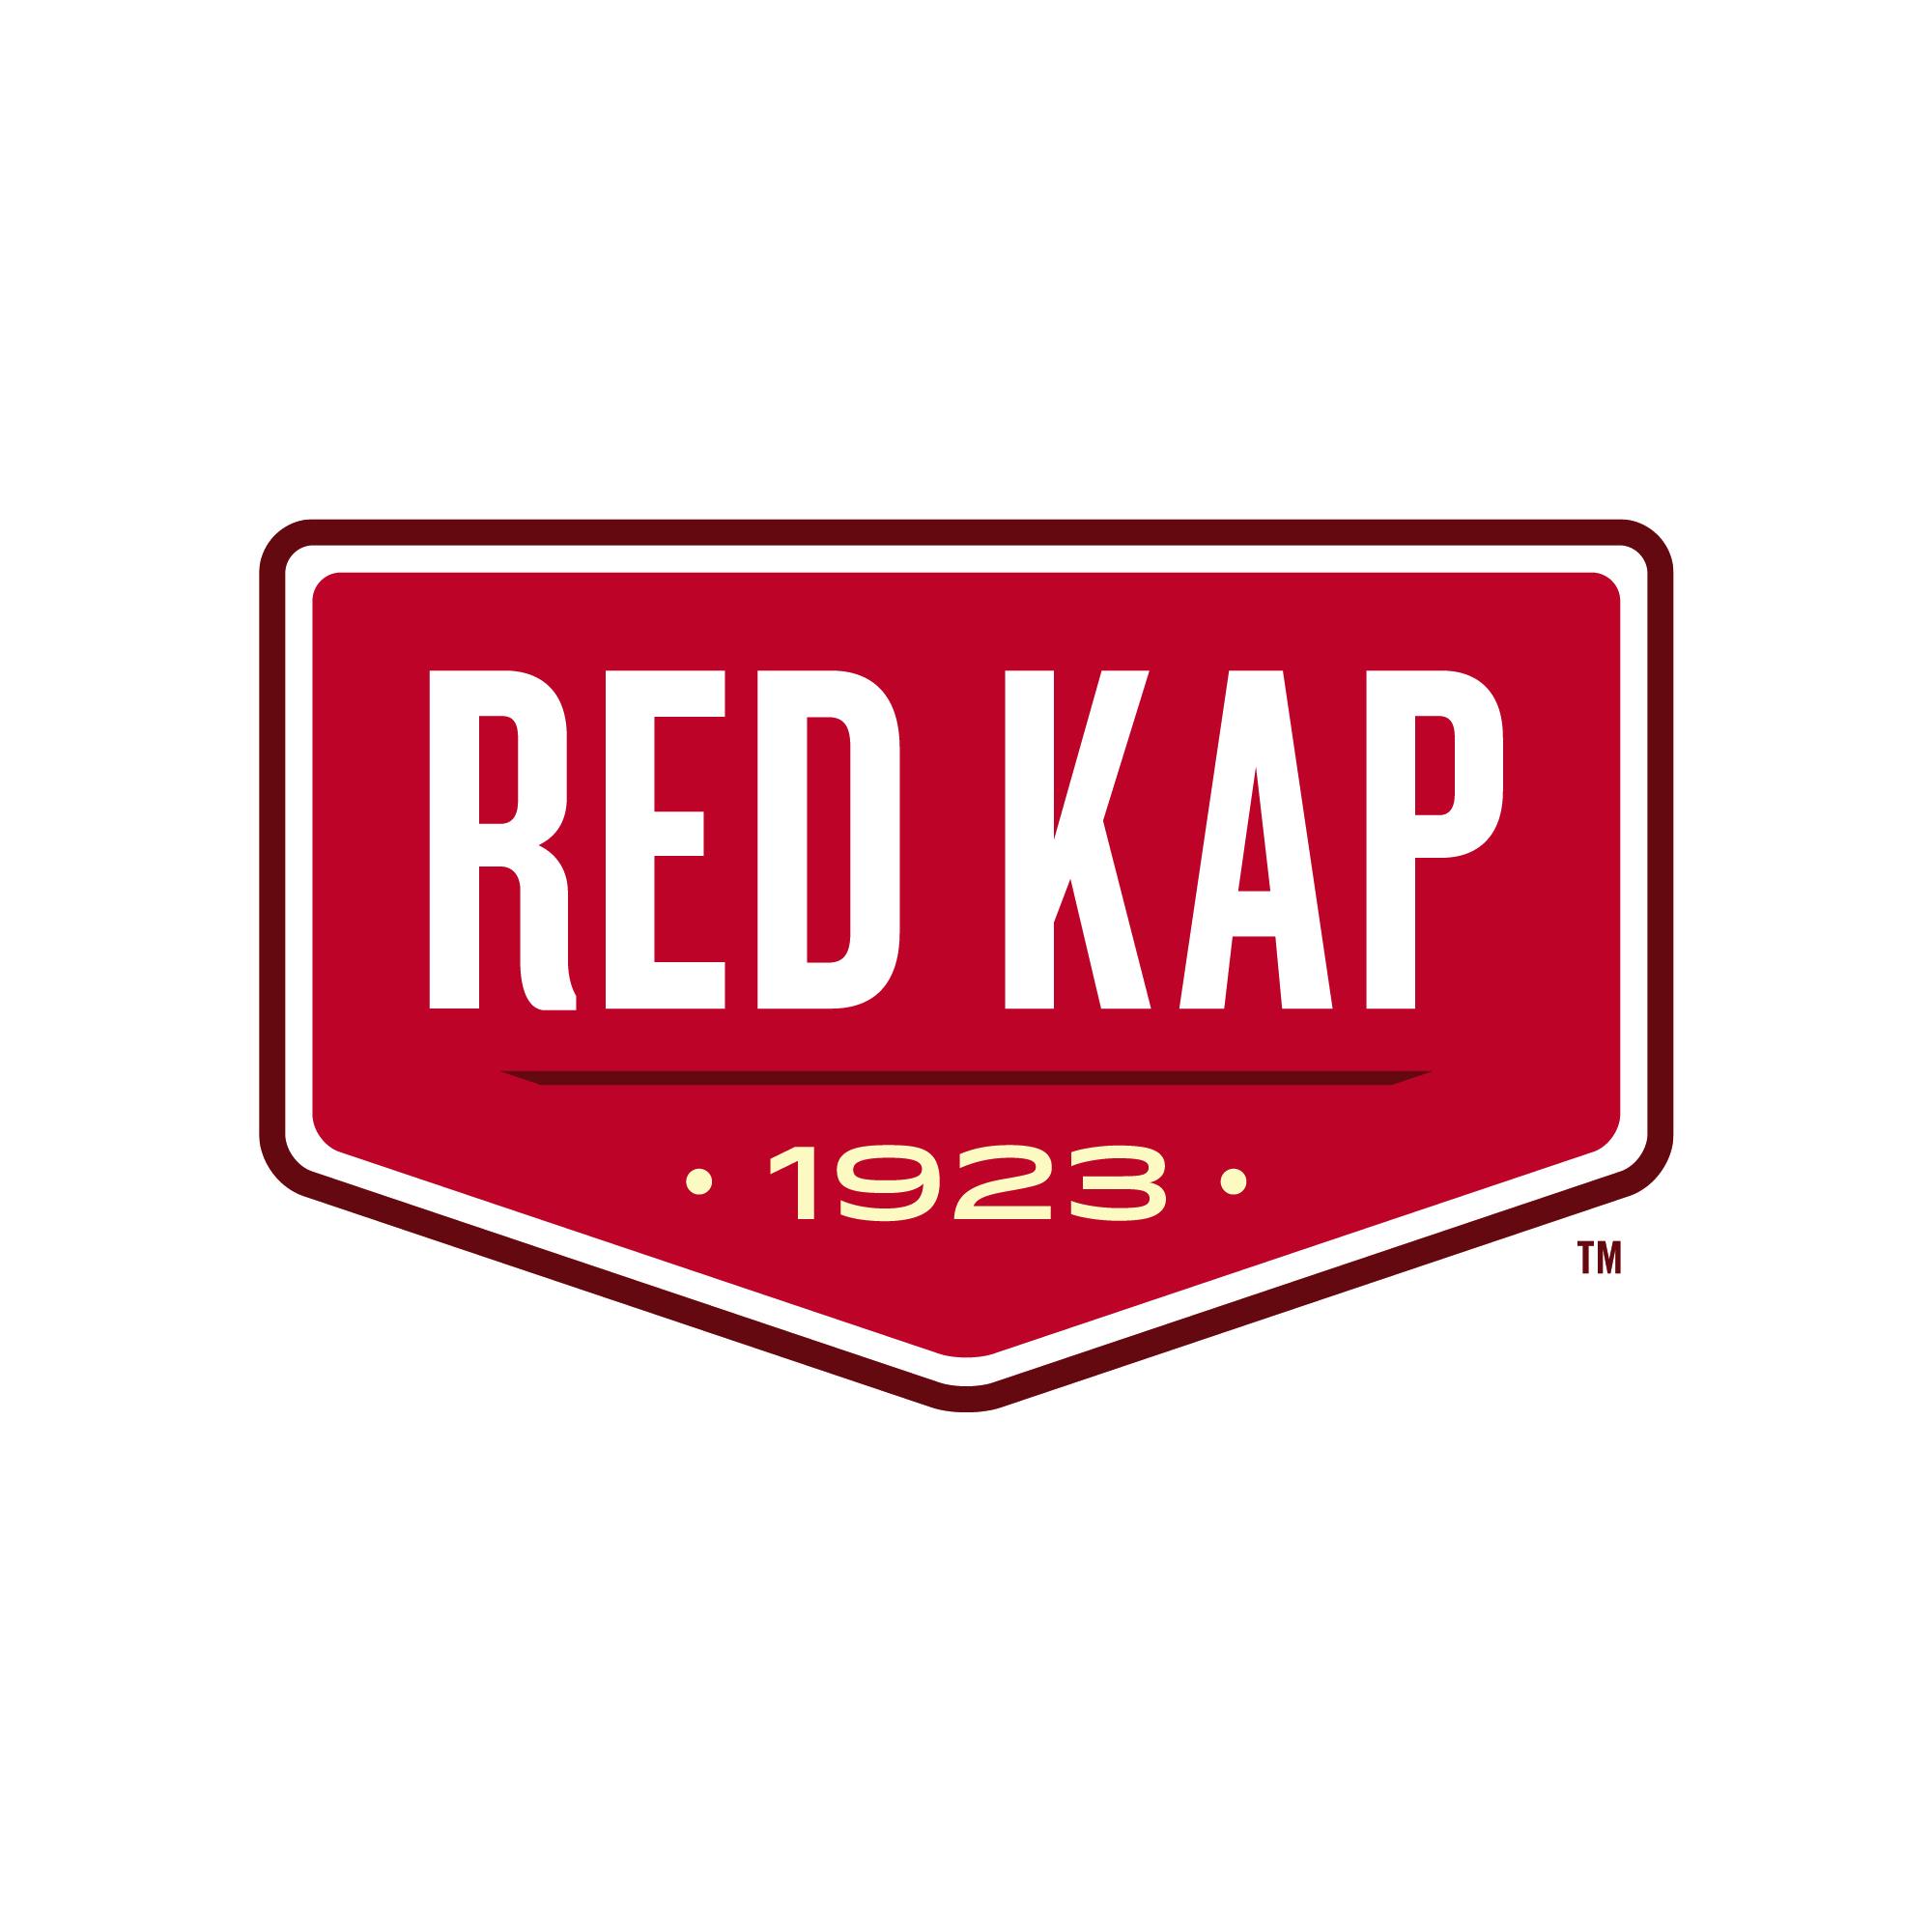 Red Kap